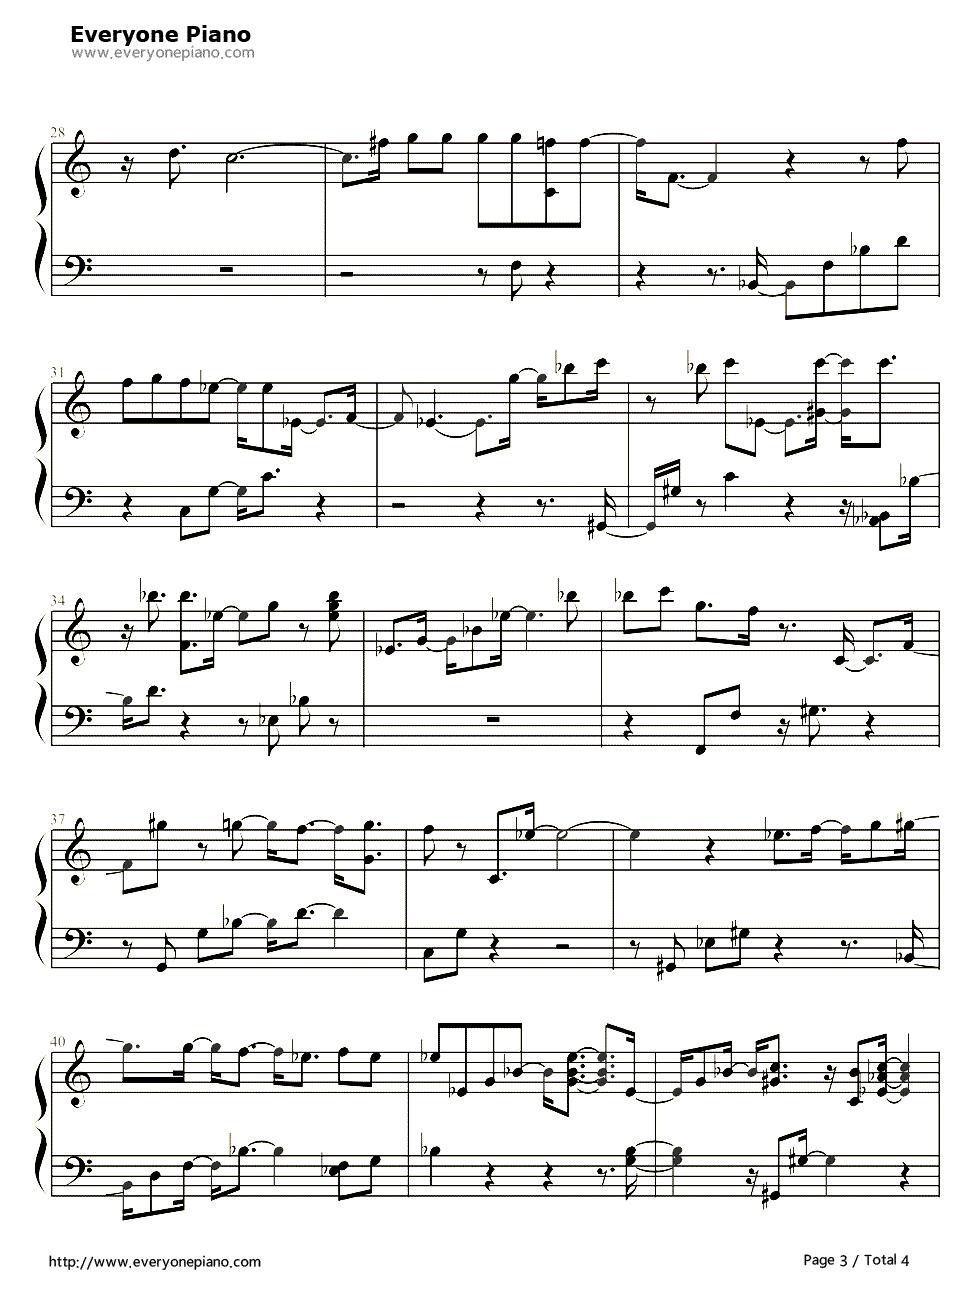 钢琴曲谱 组合乐队 海阔天空 和 我相信 的乐队总谱